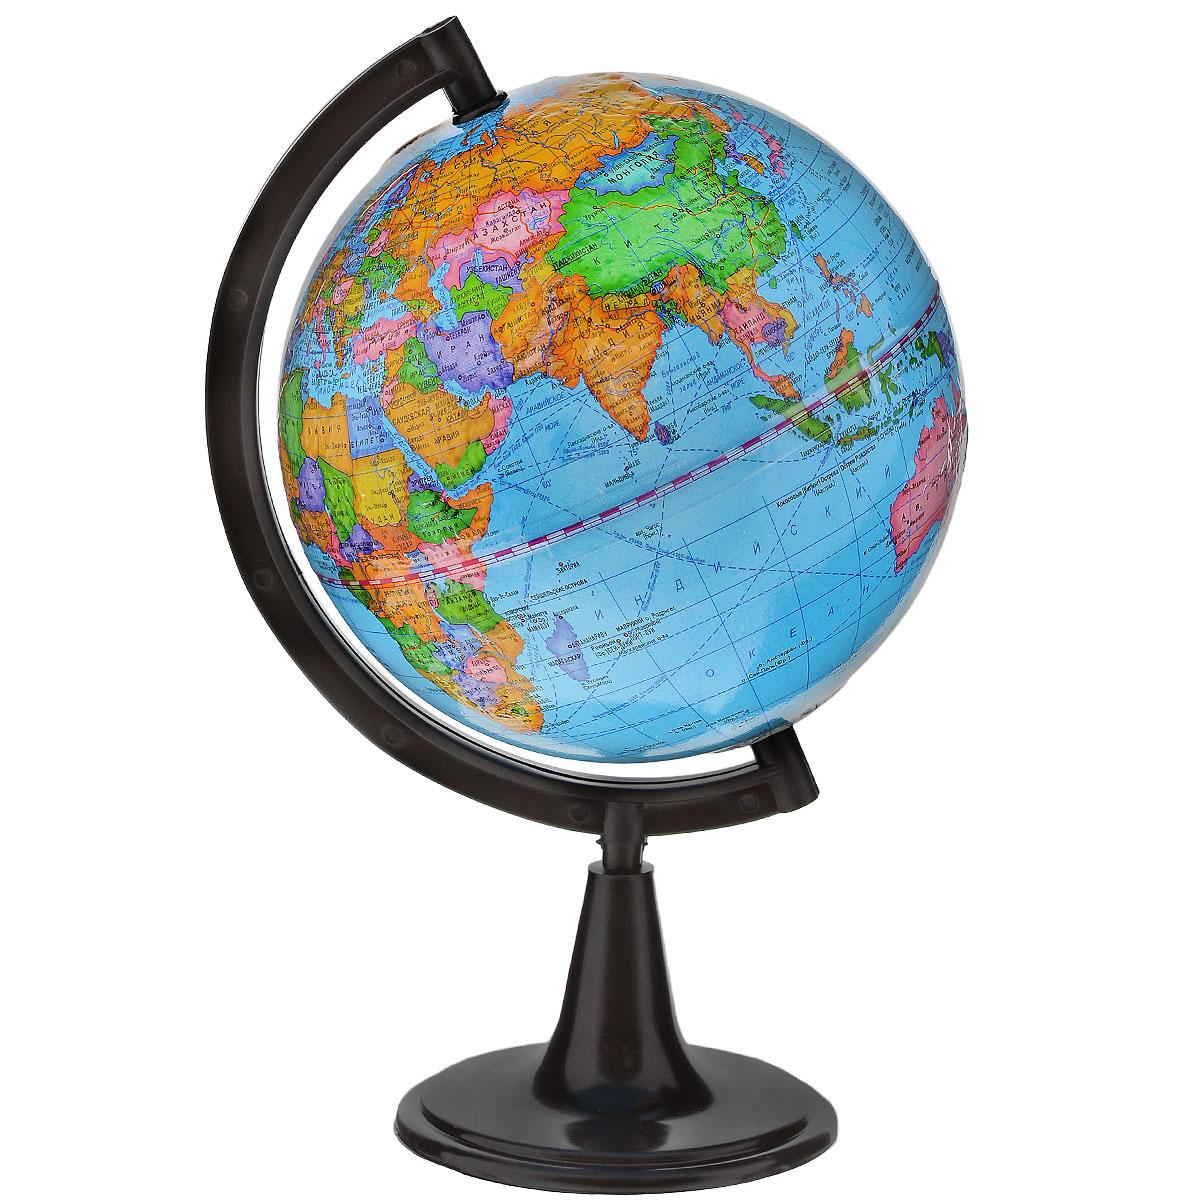 Глобусный мир Глобус с политической картой мира, рельефный, диаметр 15 см10020Глобус с политической картой мира Глобусный мир, изготовленный из высококачественного прочного пластика, показываетстраны мира, сухопутные и морские границы того или иного государства, расположение городов и населенныхпунктов. Изделие расположено на подставке. На нем отображены картографические линии: параллели имеридианы, а также градусы и условные обозначения. На глобусе нанесен рельеф, который отчетливопоказывает рельеф местности и горные массивы. Все страны мира раскрашены в разные цвета. Глобус сполитической картой мира станет незаменимым атрибутом обучения не только школьника, но и студента.Названия стран на глобусе приведены на русской язык.Настольный глобус Глобусный мир станеторигинальным украшением рабочего стола или вашего кабинета. Это изысканная вещь для стильного интерьера,которая станет прекрасным подарком для современного преуспевающего человека, следующего последнимтенденциям моды и стремящегося к элегантности и комфорту в каждой детали.Масштаб: 1:84 000 000.